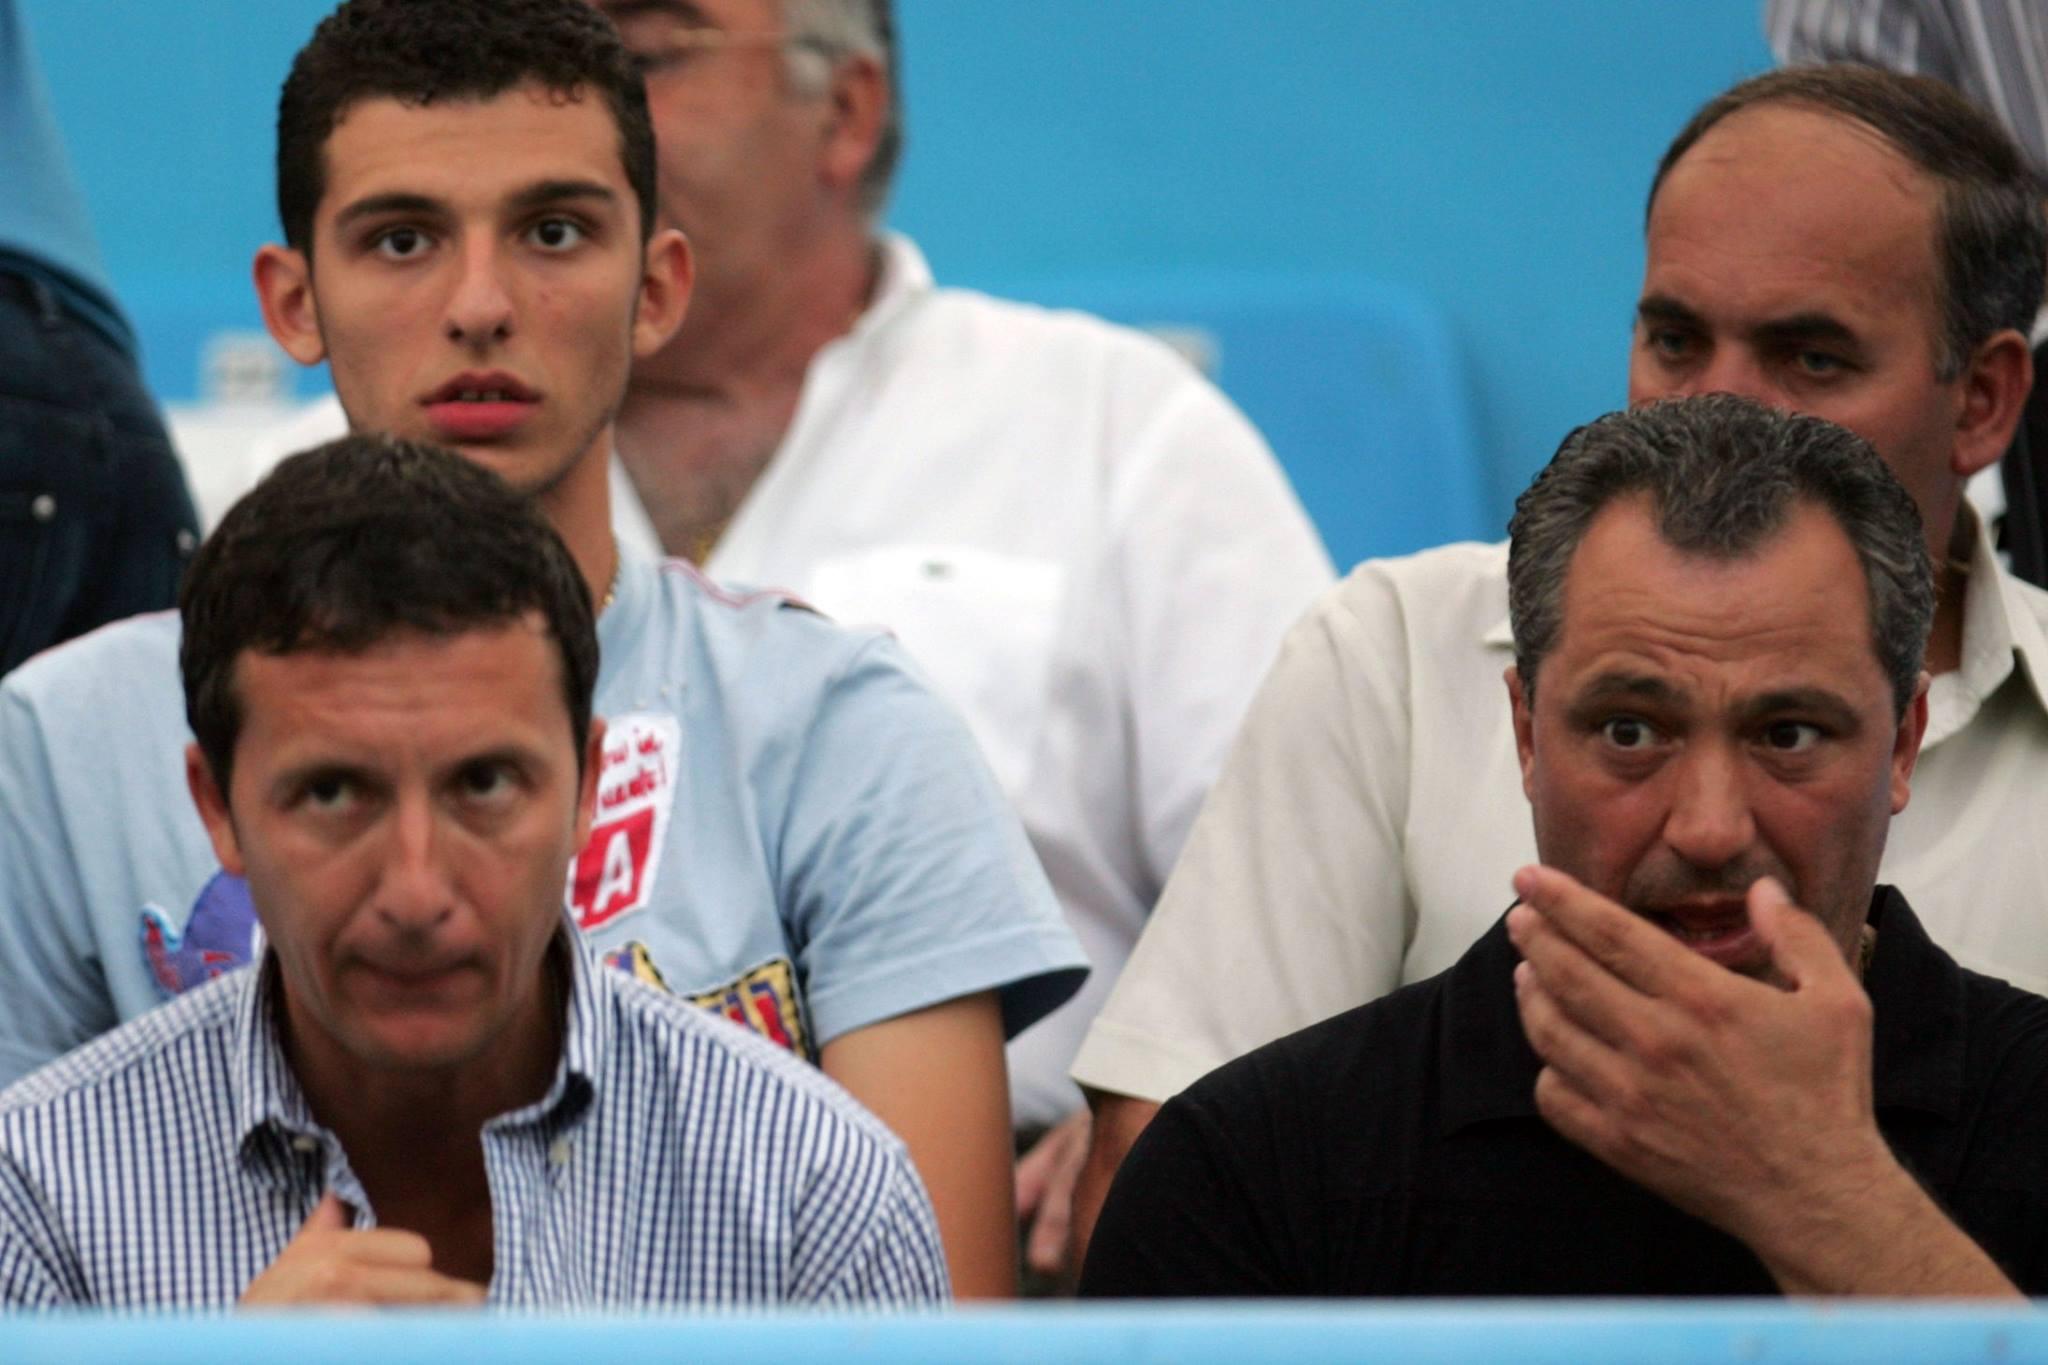 Costa Sponte (în spatele lui Mihai Stoica, stânga, sus) îl însoțește pe tatăl său, Teia Sponte - dreapta, la evenimente sportive